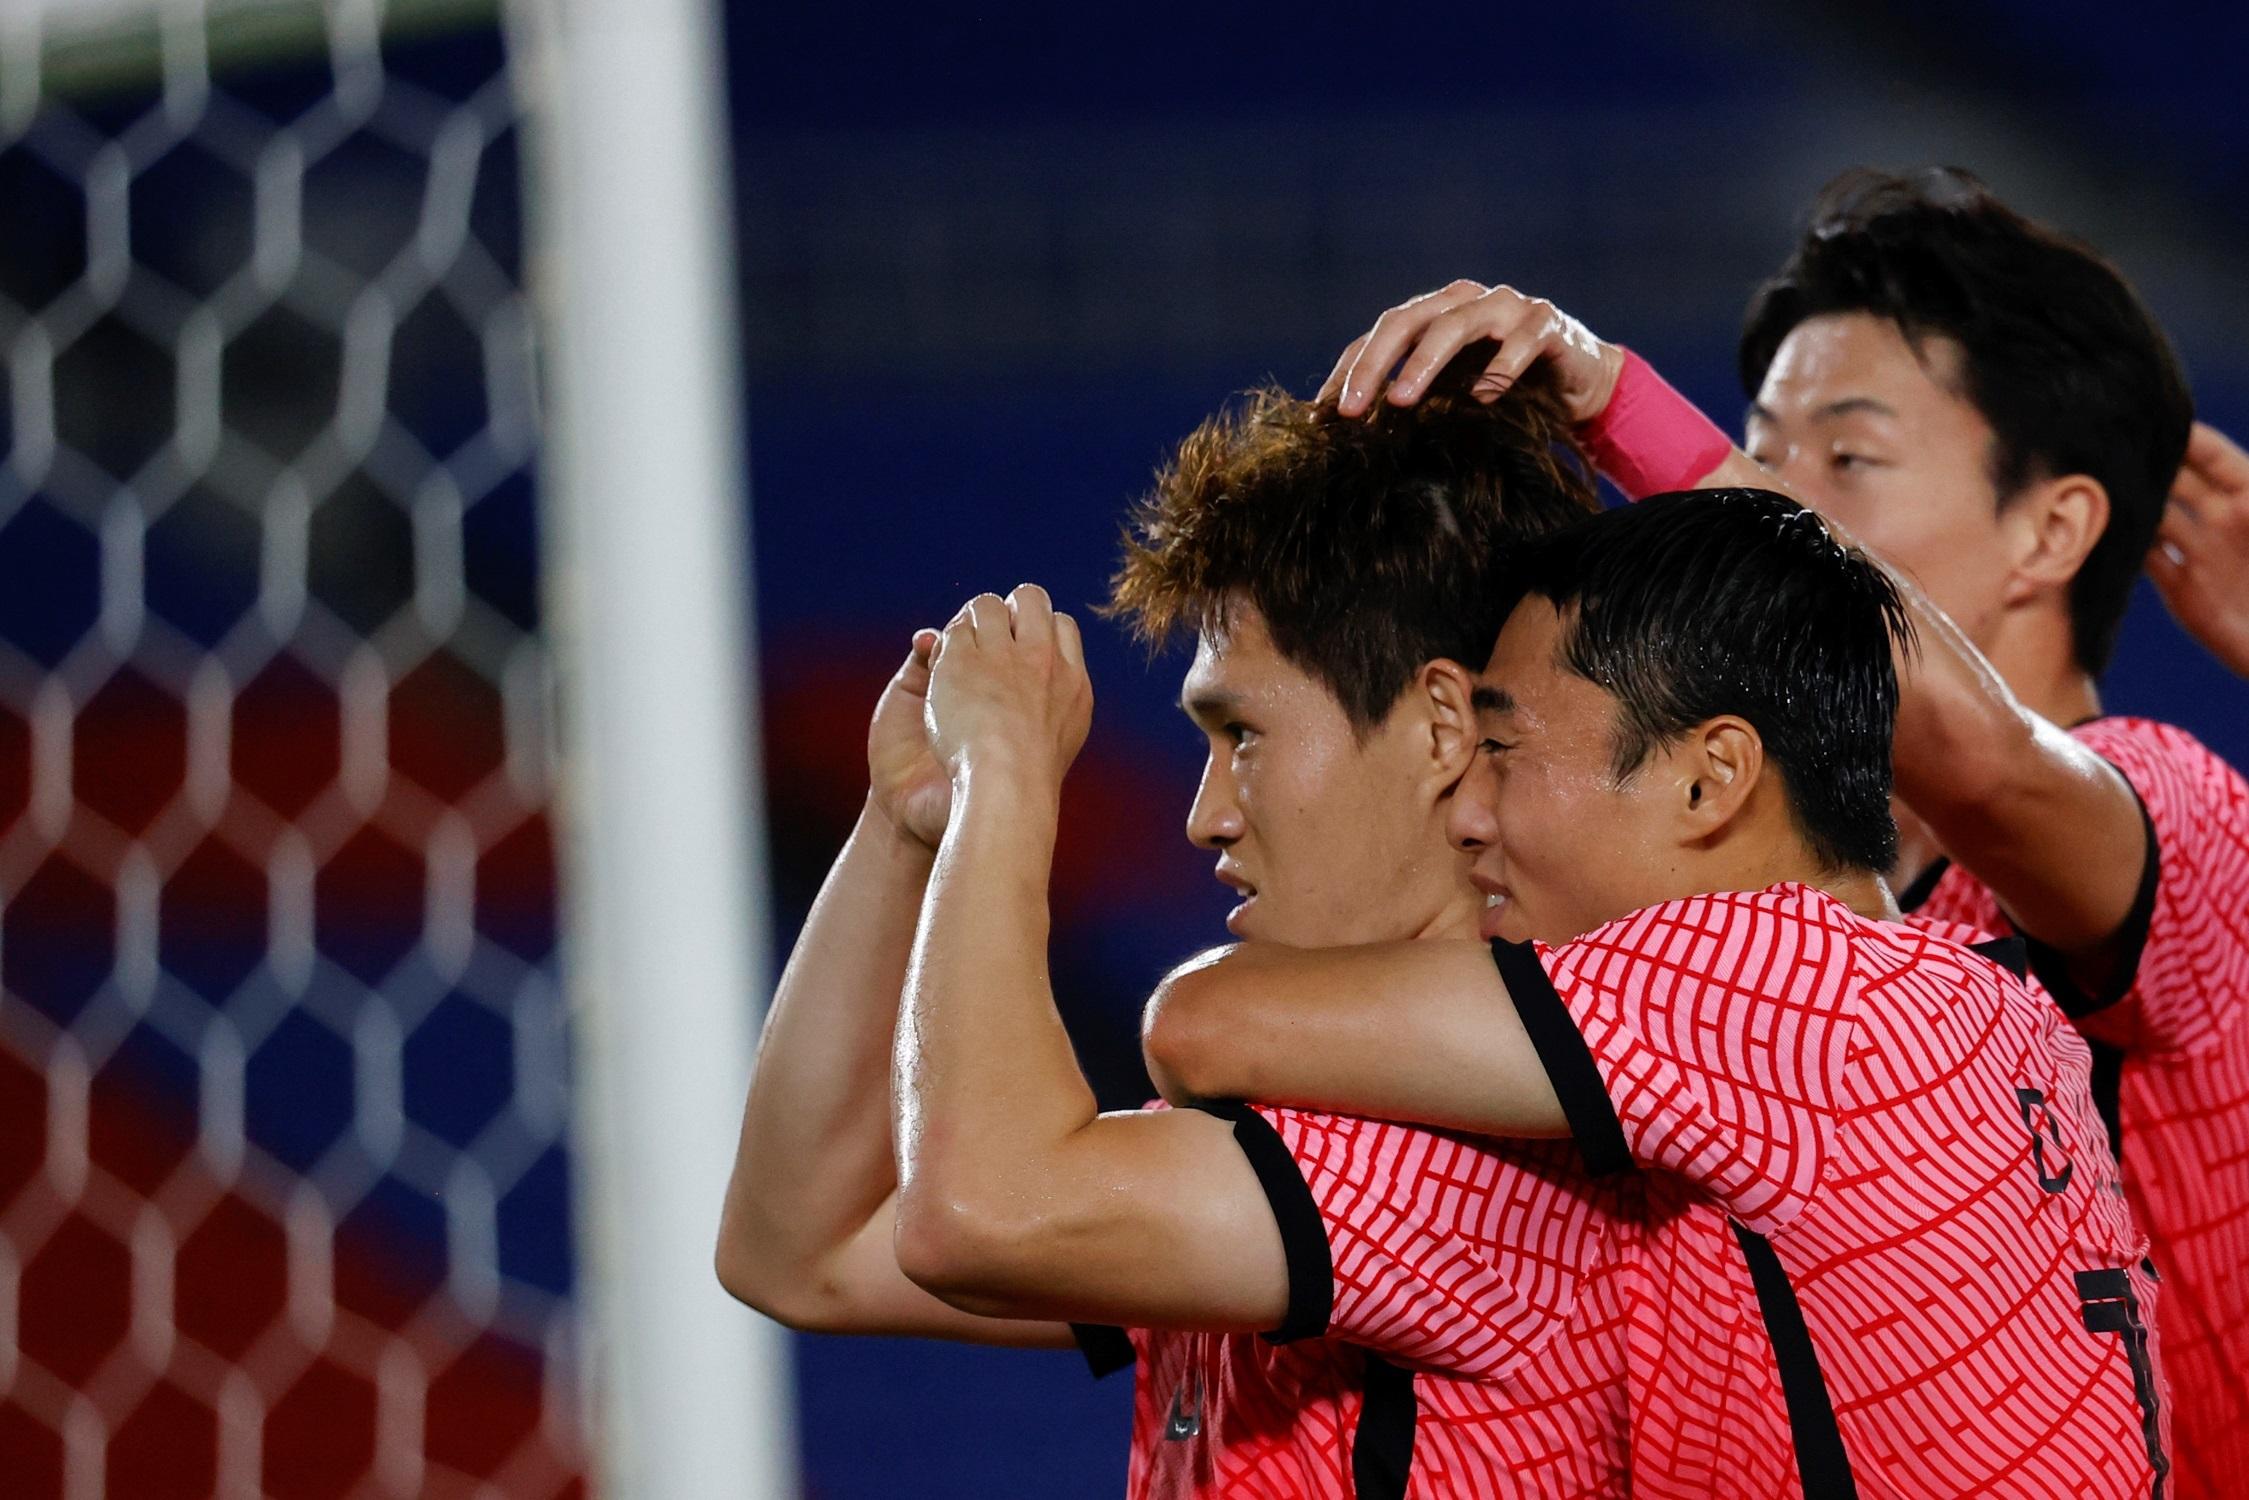 El centrocampista surcoreano Donggyeong Lee celebra con sus compañeros tras marcar el 1-1. Foto de EFE/ Miguel Gutiérrez.